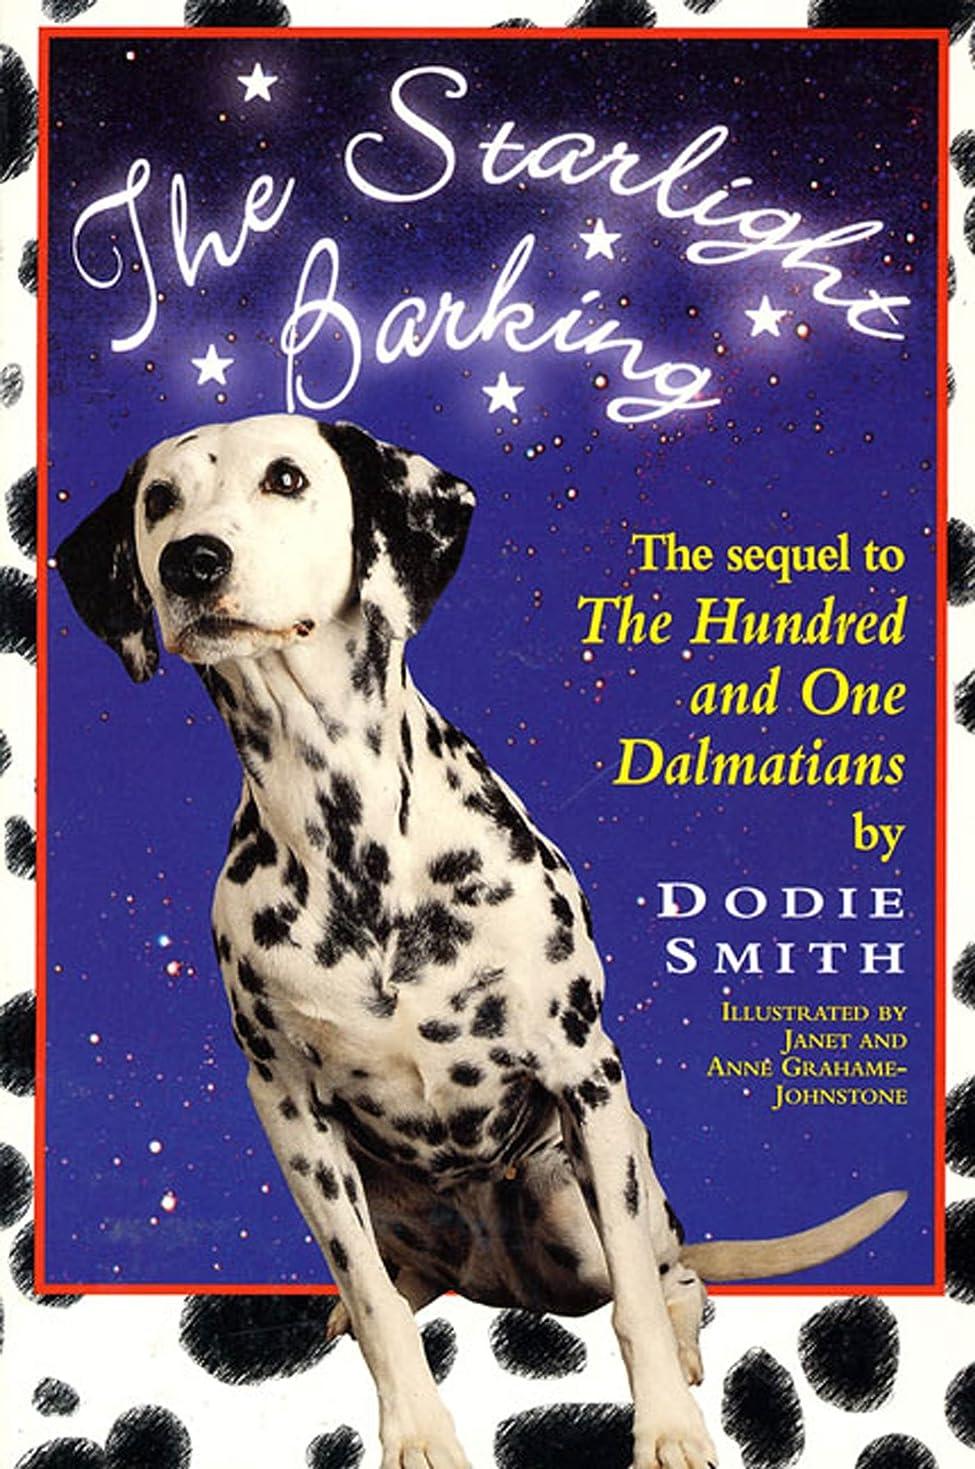 狂人リラックスした幼児Starlight Barking: The Sequel to The Hundred and One Dalmatians (Wyatt Book) (English Edition)